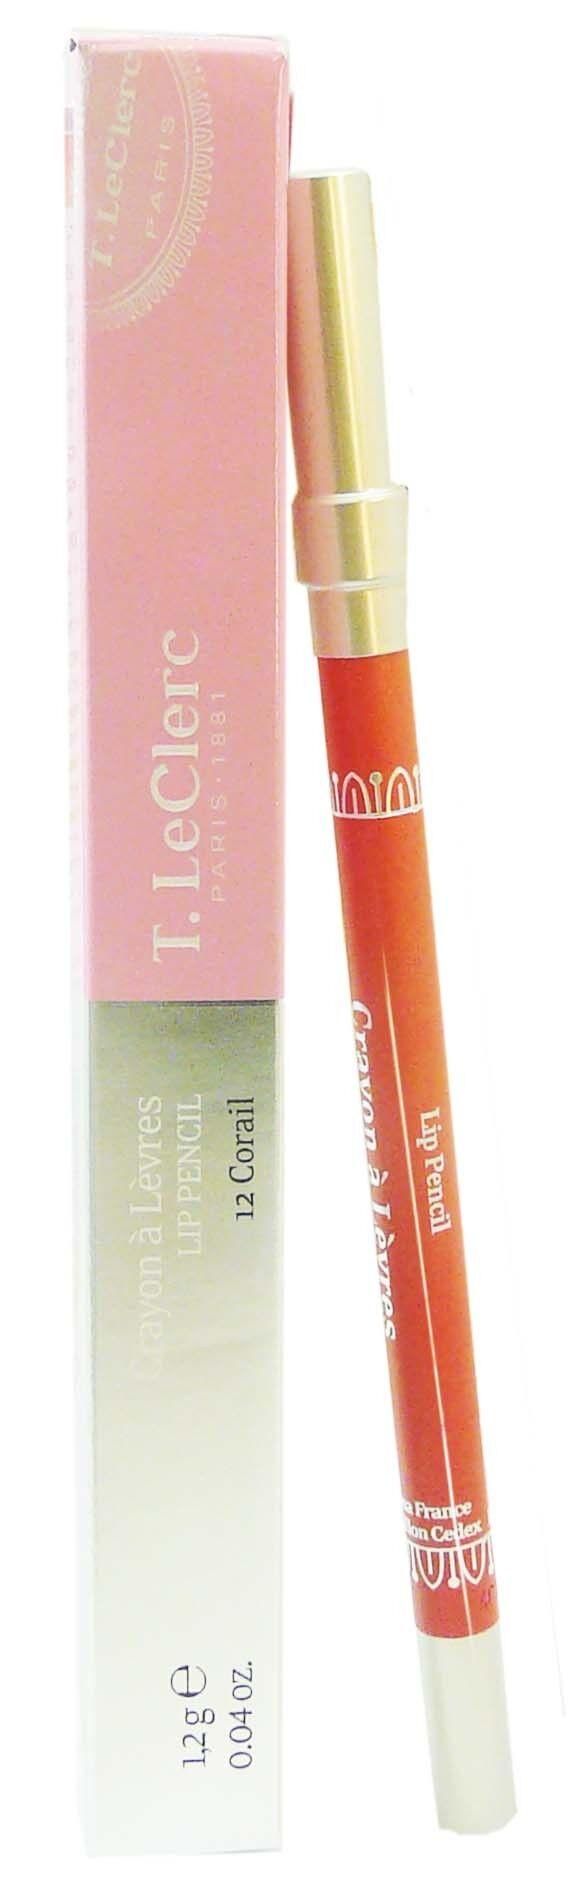 T.LECLERC T leclerc crayon a levres n°12 corail